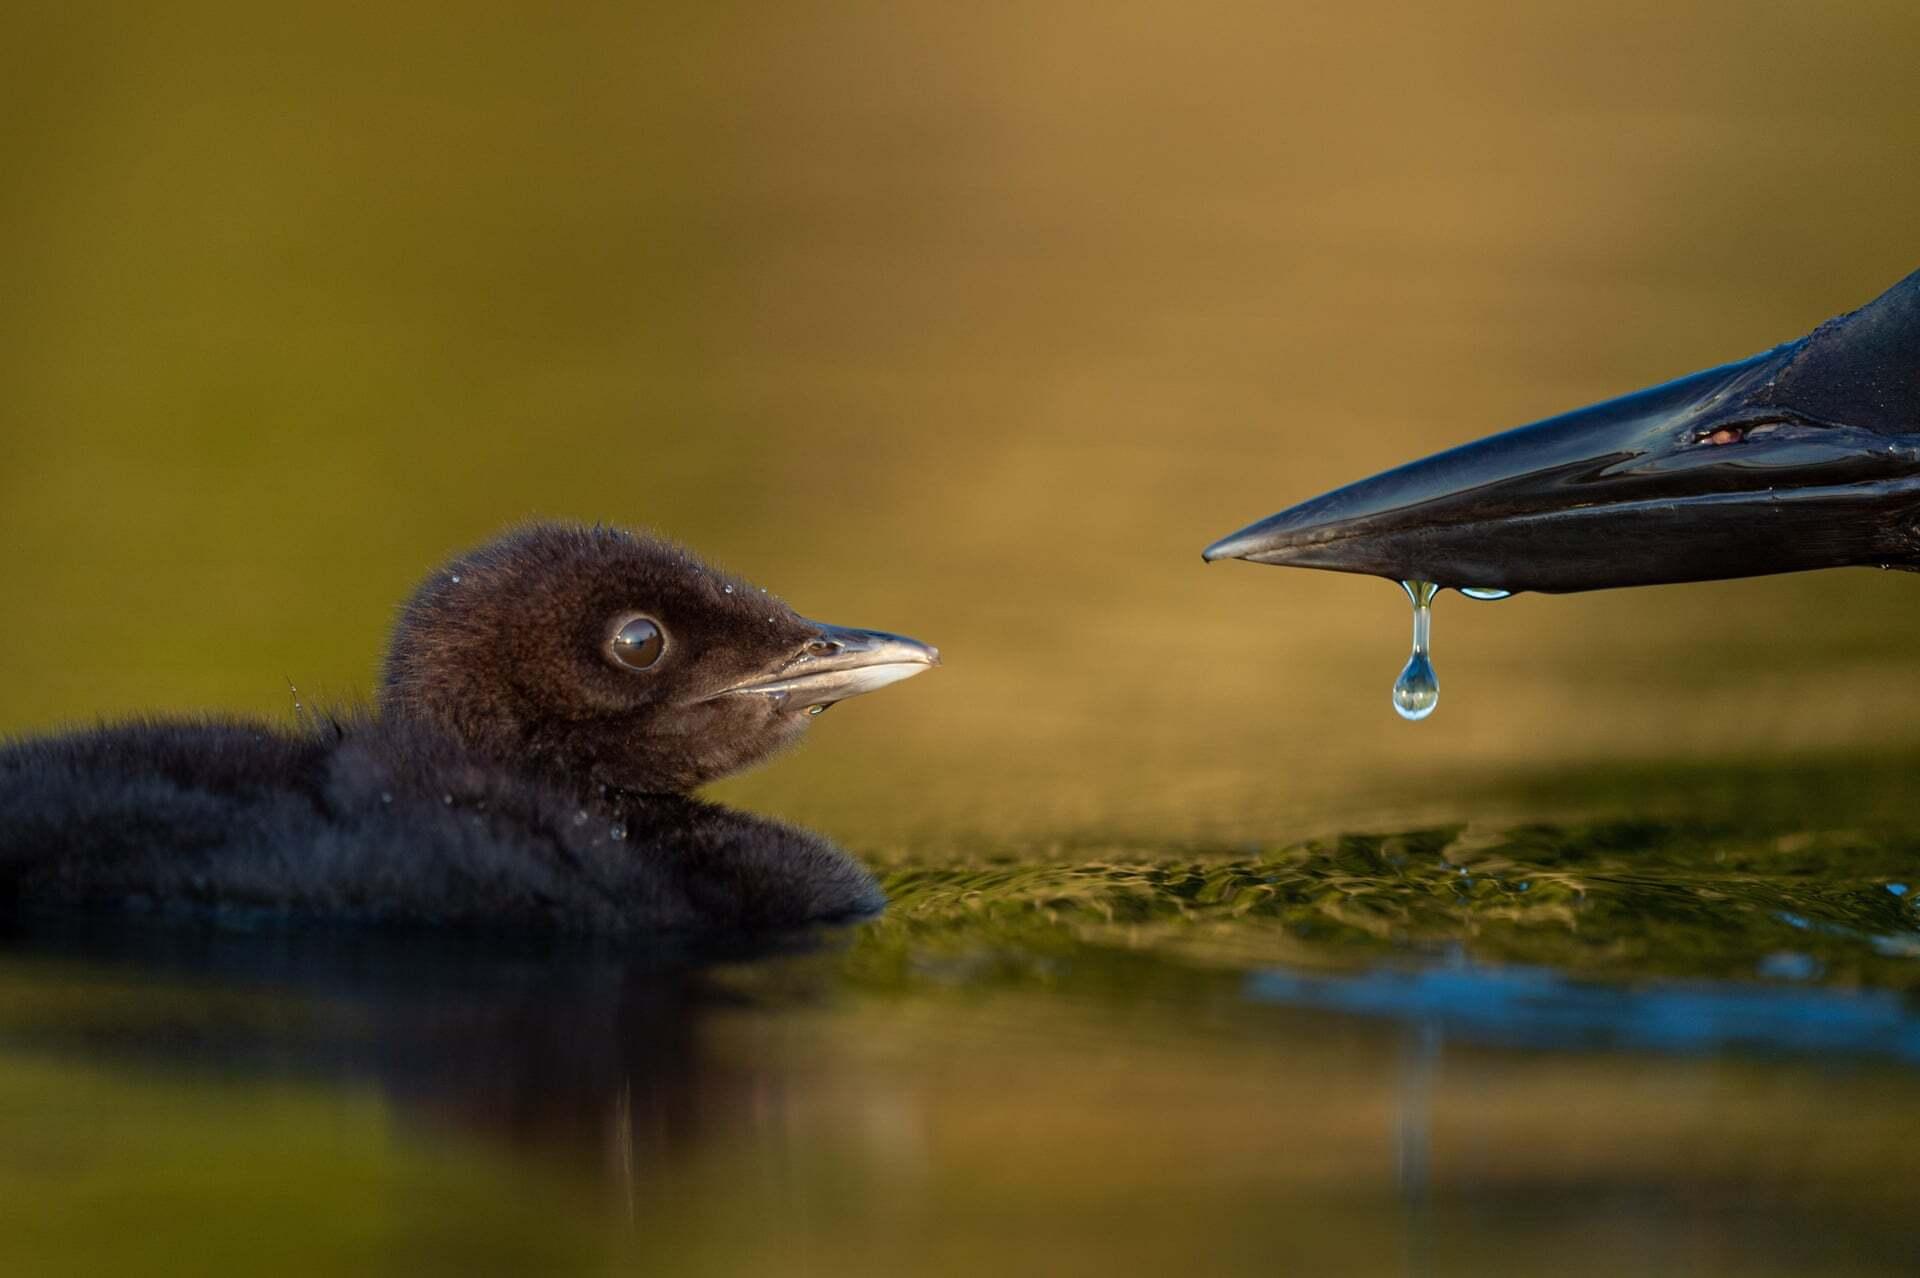 צילום: Raymond Hennessy /2021 bird photographer of the year